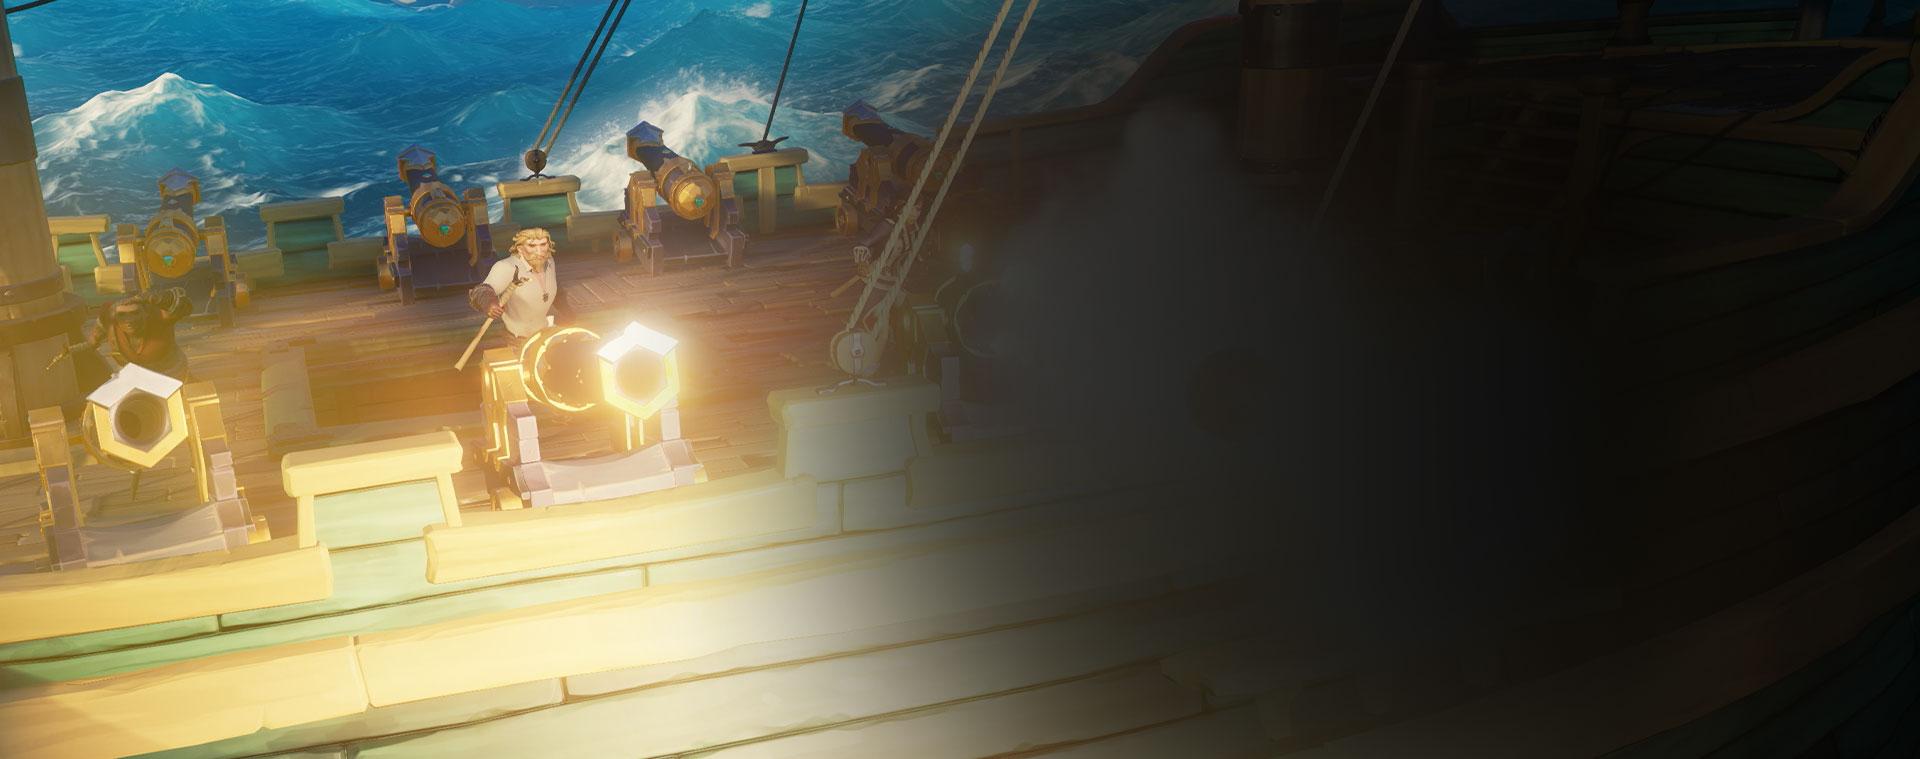 Personajes de Sea of Thieves disparando cañones desde un barco